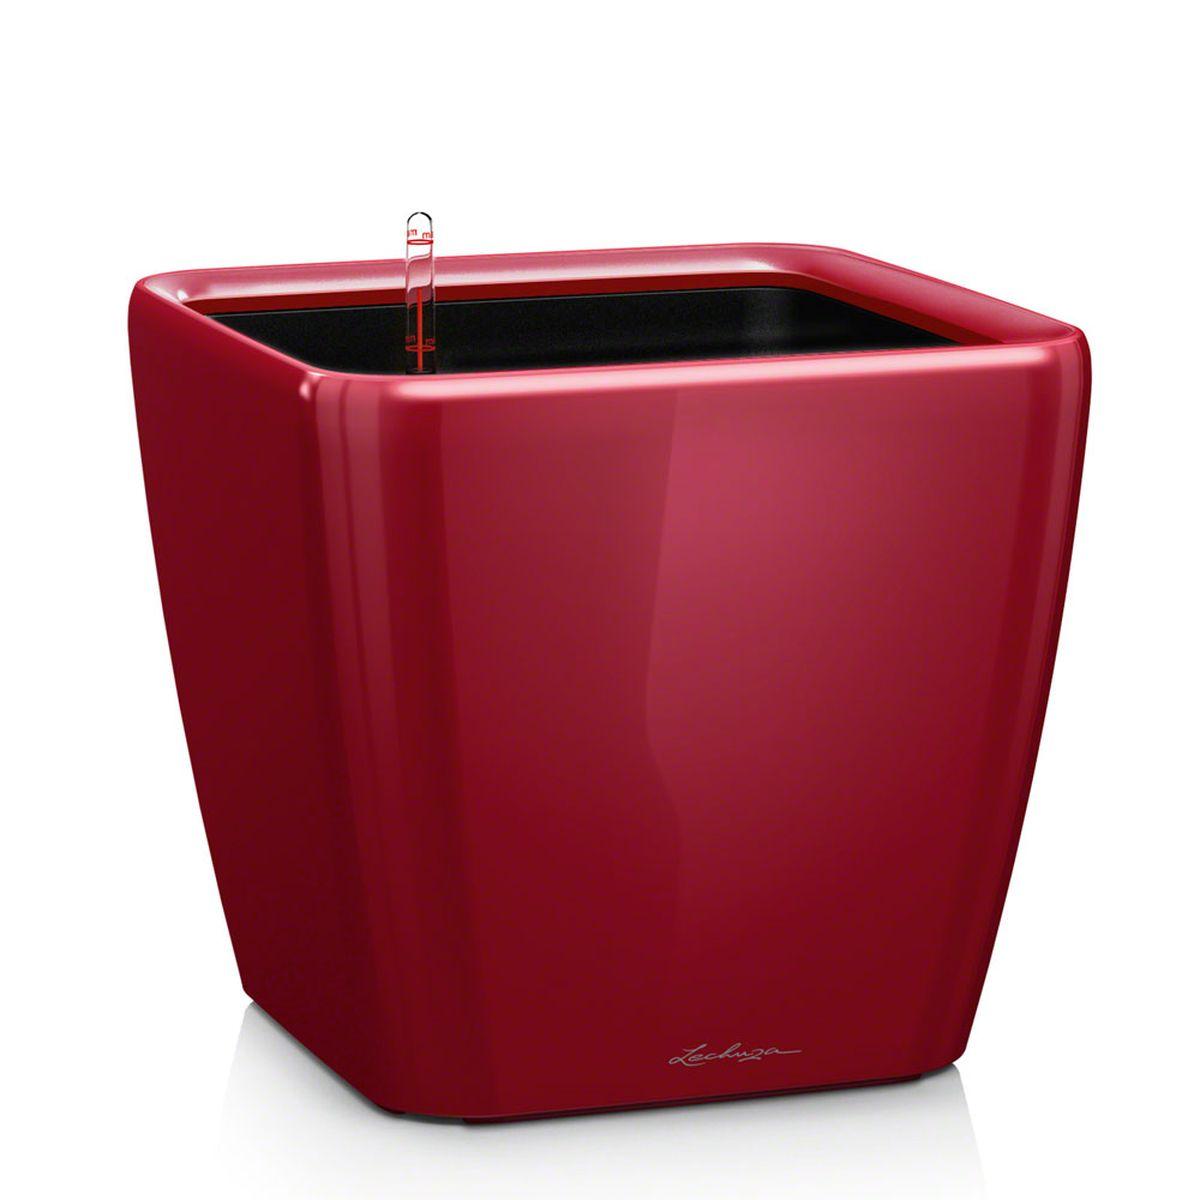 """Кашпо Lechuza """"Quadro"""", выполненное из  высококачественного пластика, имеет уникальную систему  автополива, благодаря которой корневая система растения  непрерывно снабжается влагой из резервуара. Уровень воды  в резервуаре контролируется с помощью специального  индикатора. В зависимости от размера кашпо и растения  воды хватает на 2-12 недель. Это способствует хорошему росту  цветов и предотвращает переувлажнение. В набор входит: кашпо, внутренний горшок с выдвижной  эргономичной ручкой, индикатор уровня воды, вал подачи  воды, субстрат растений в качестве дренажного слоя,  резервуар для воды.   Кашпо Lechuza """"Quadro"""" прекрасно впишется в любой  интерьер. Оно поможет расставить нужные акценты, а также  придаст помещению вид, соответствующий вашим  представлениям."""